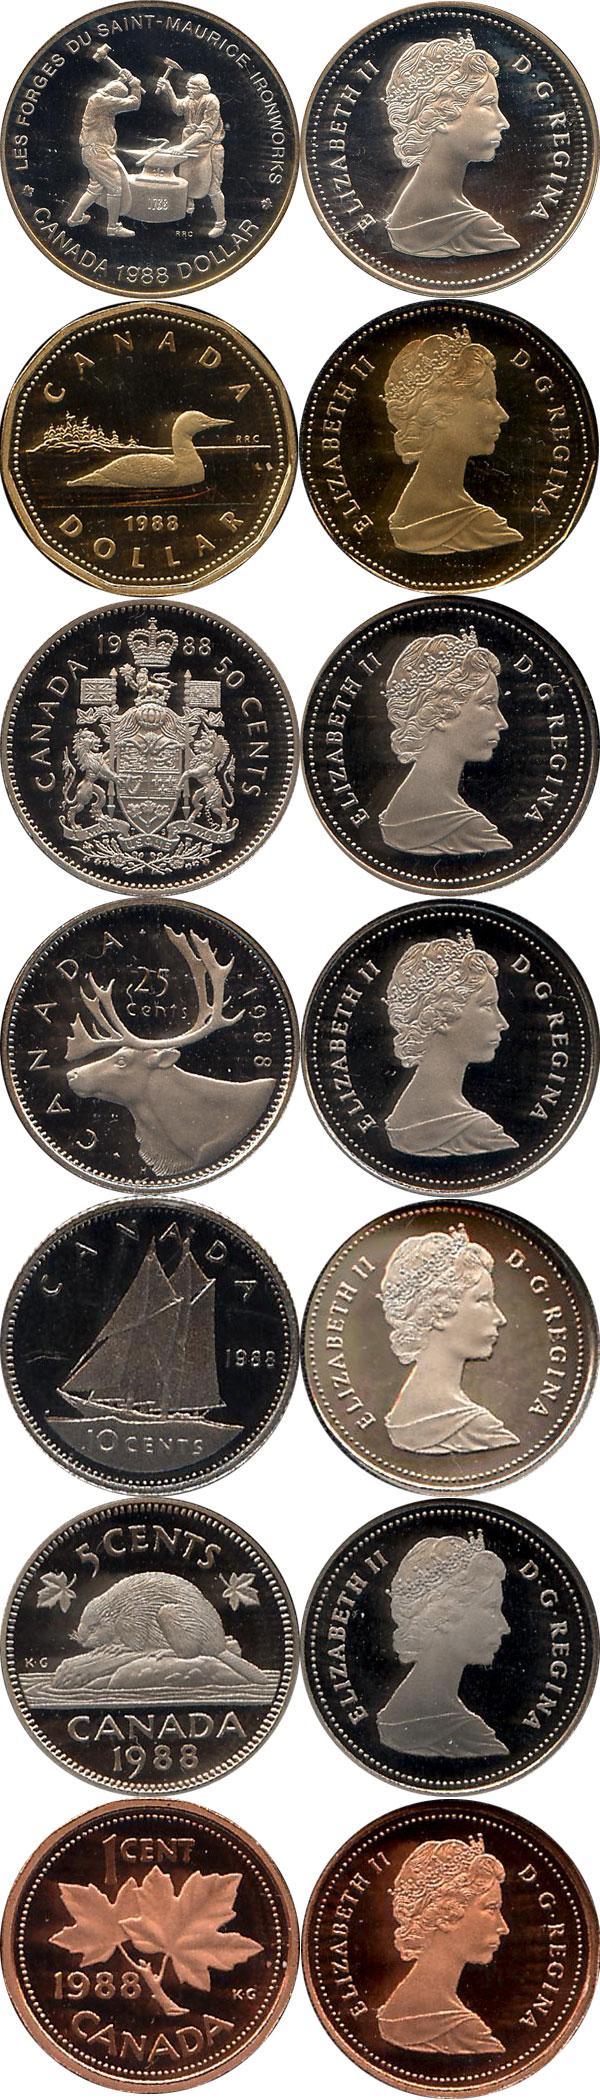 Каталог монет - Канада Памятный набор 1988 года